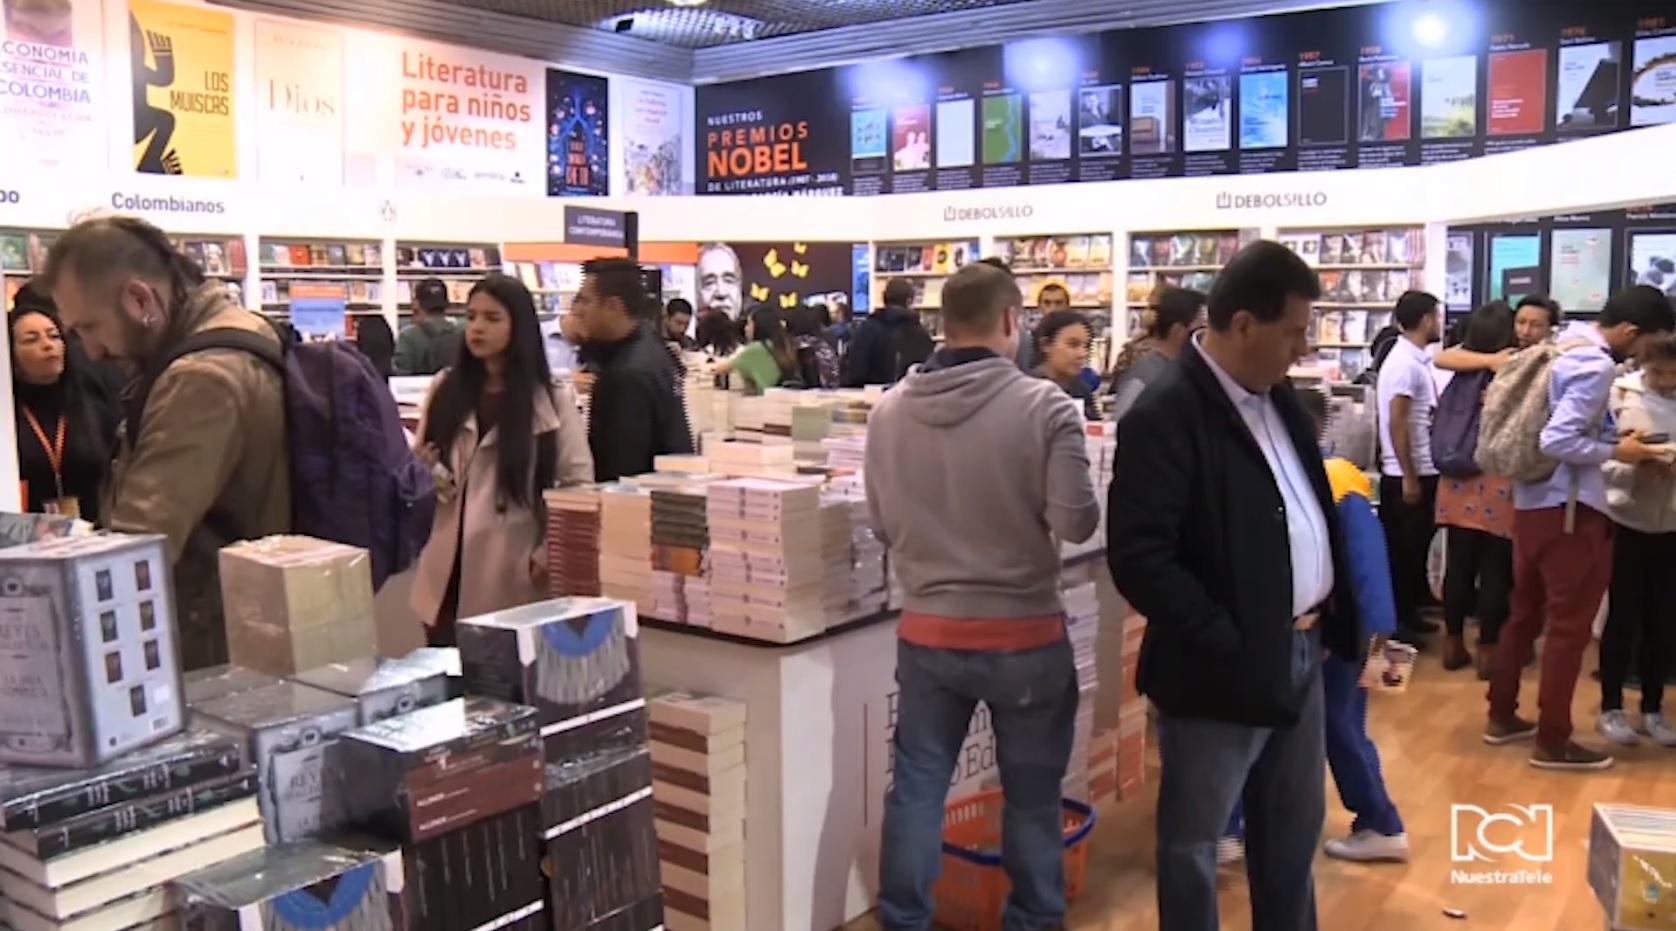 top-5-de-los-libros-mas-vendidos-en-la-filbo-2019.jpg